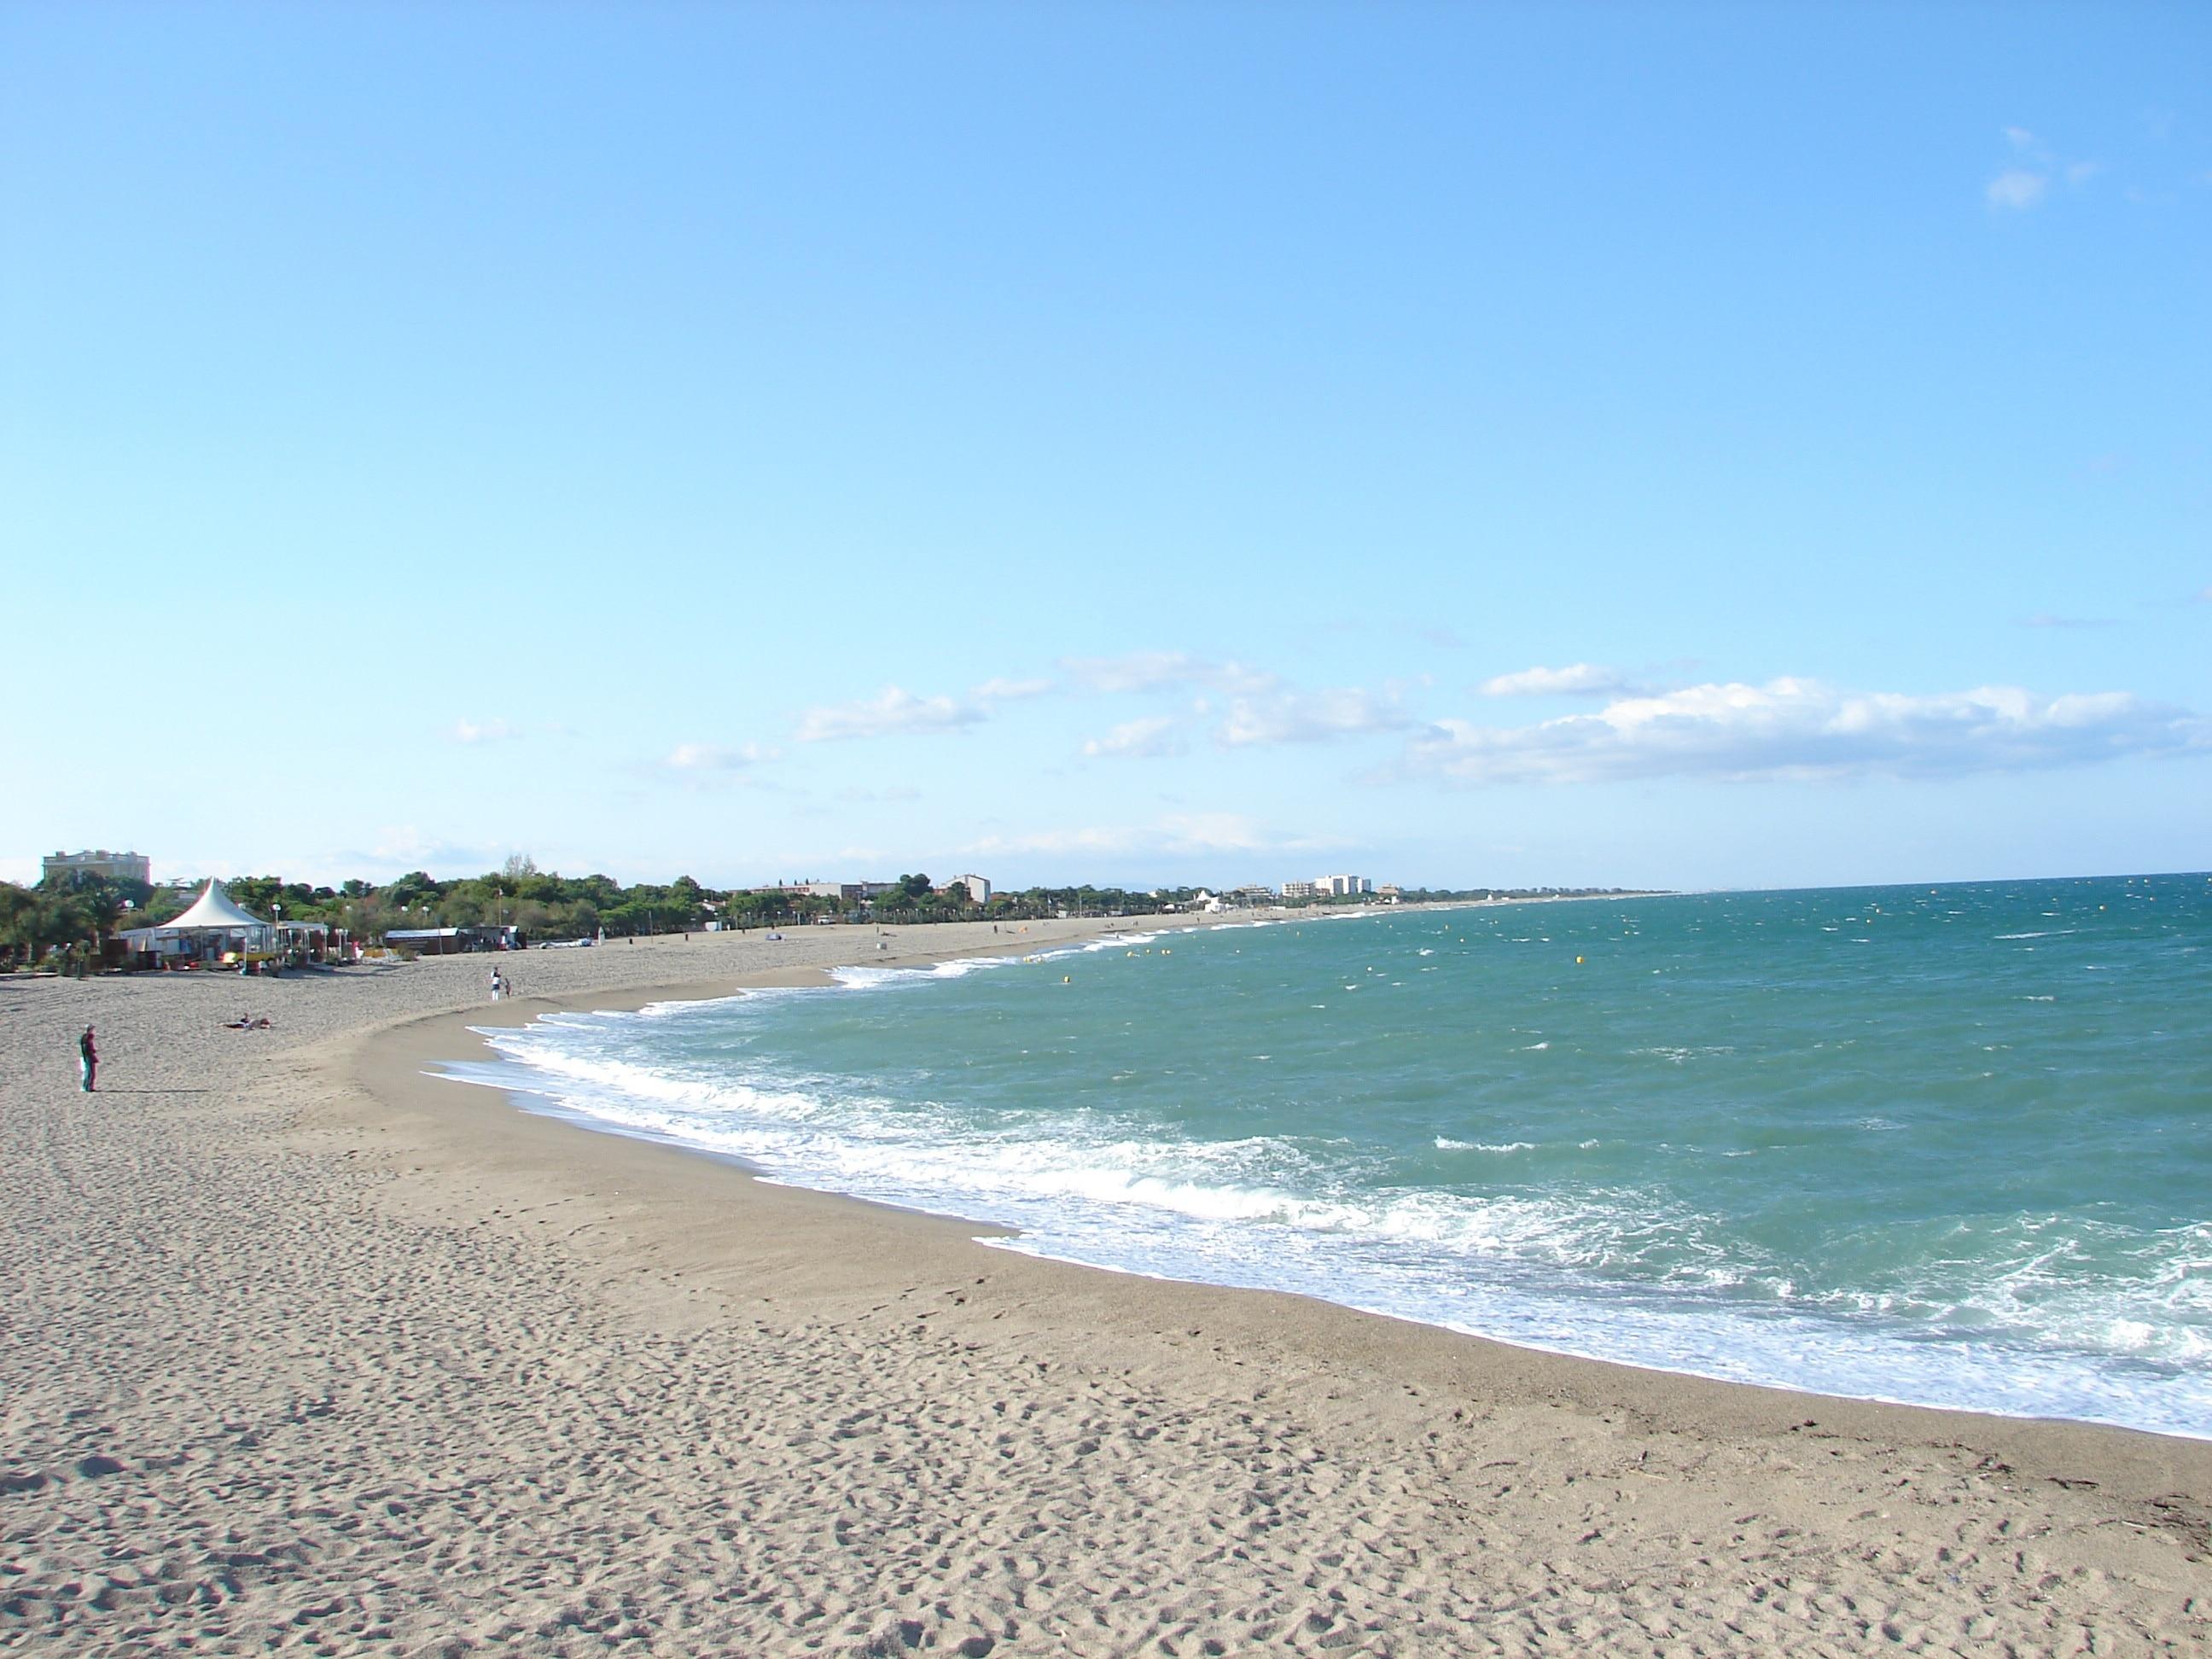 Argeles-sur-Mer, Pyrenees-Orientales, France